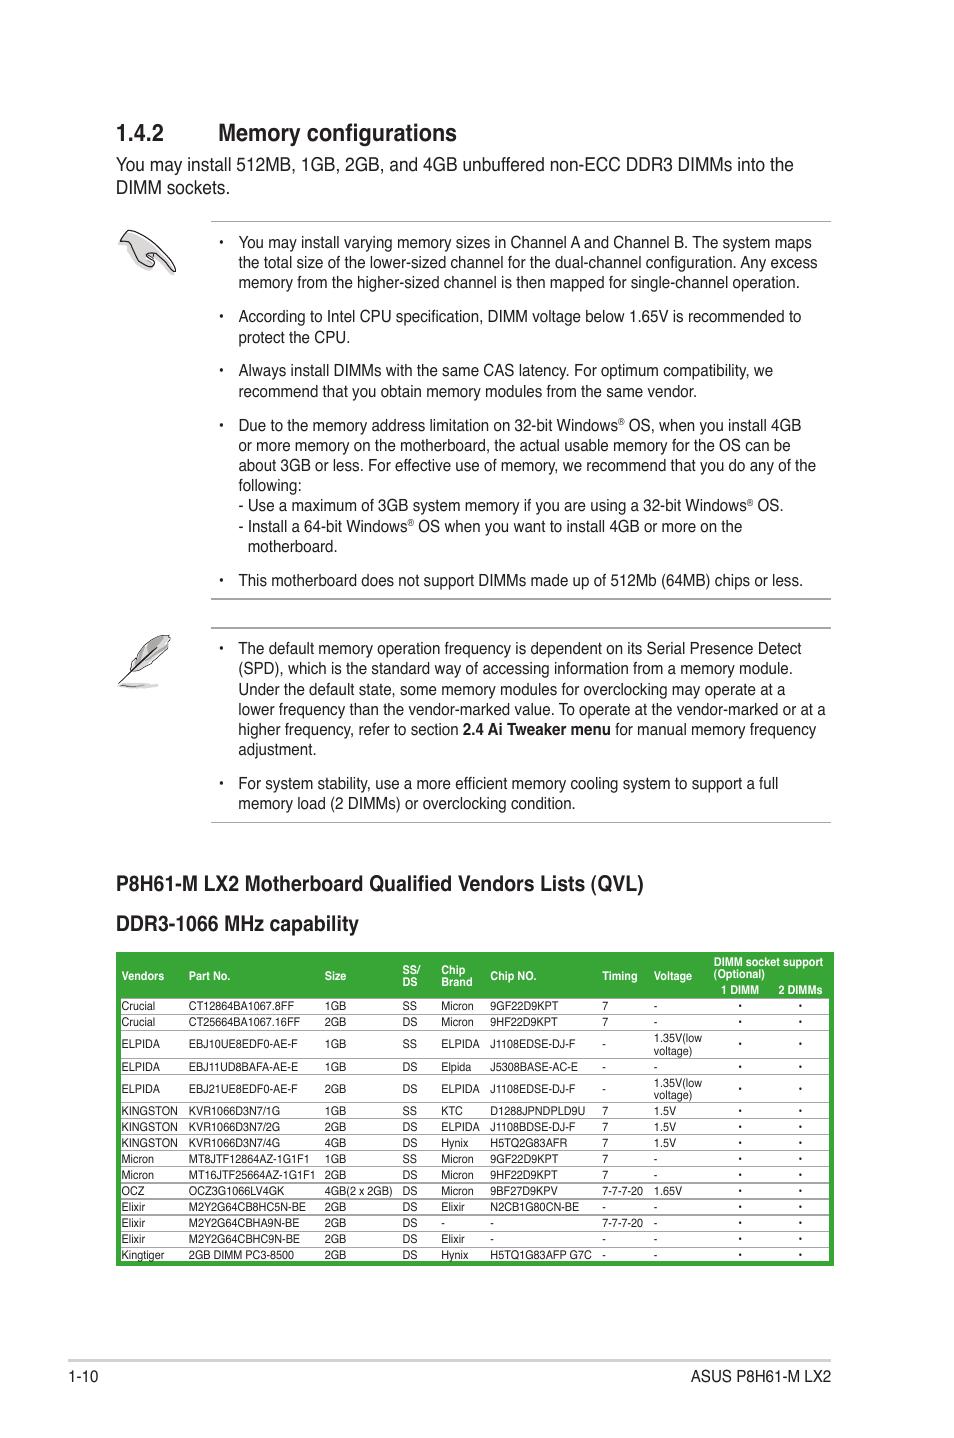 2 memory configurations, Memory configurations -10 | Asus P8H61-M